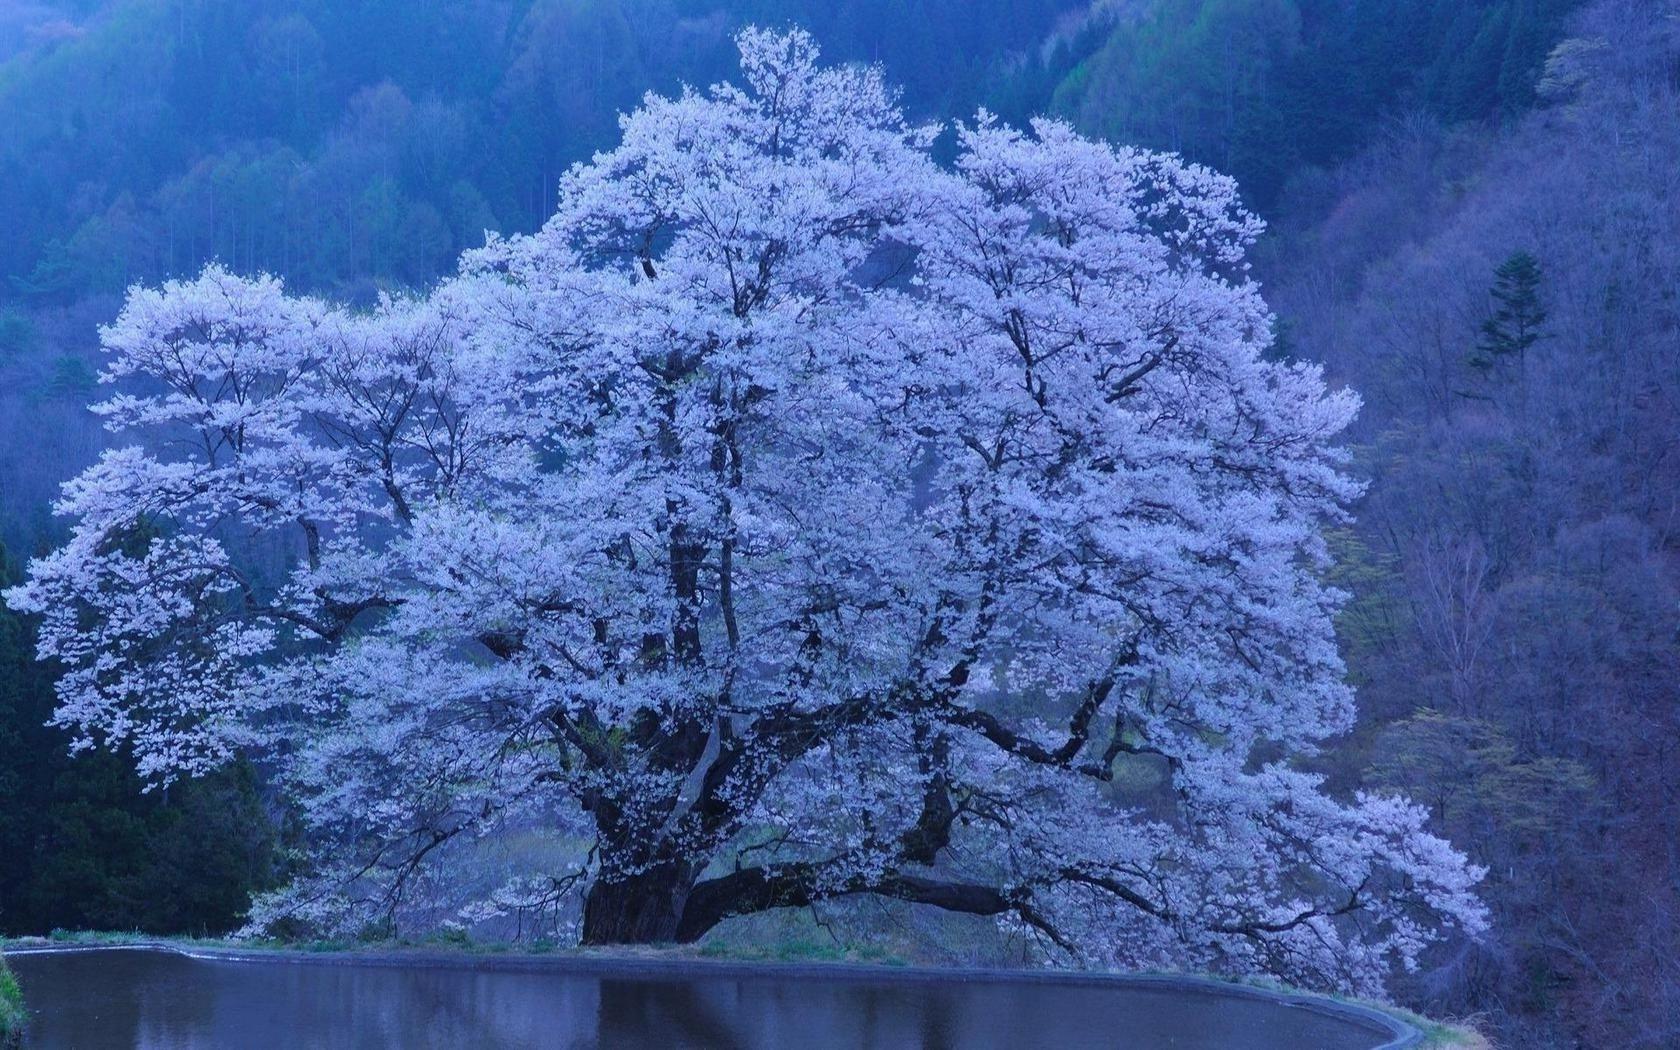 Озеро дерево обрыв цветущее скачать